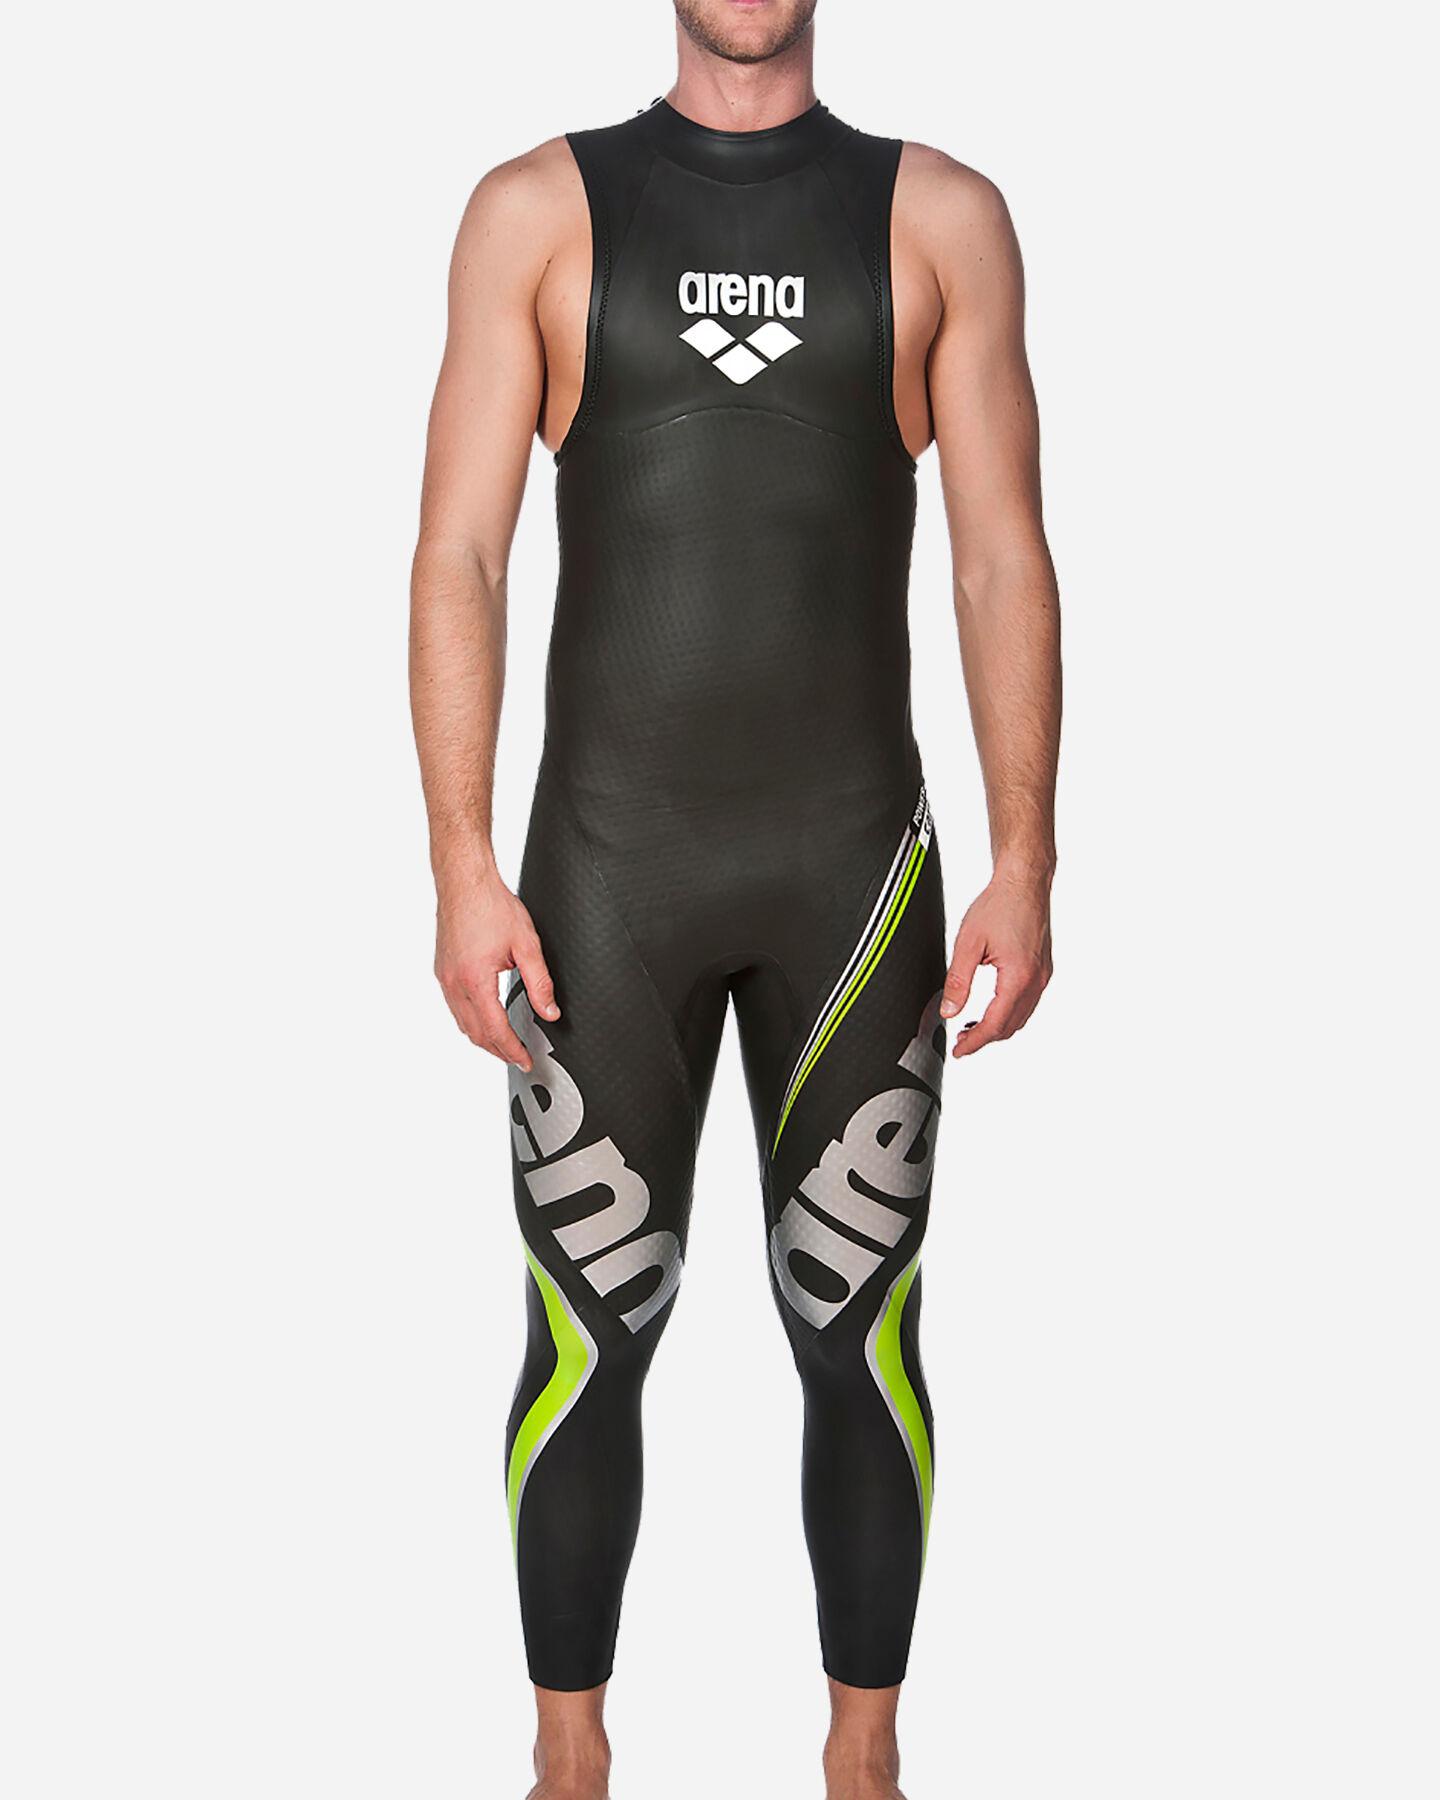 Costume piscina ARENA TRIWETSUIT CARBON M S5042757 scatto 2